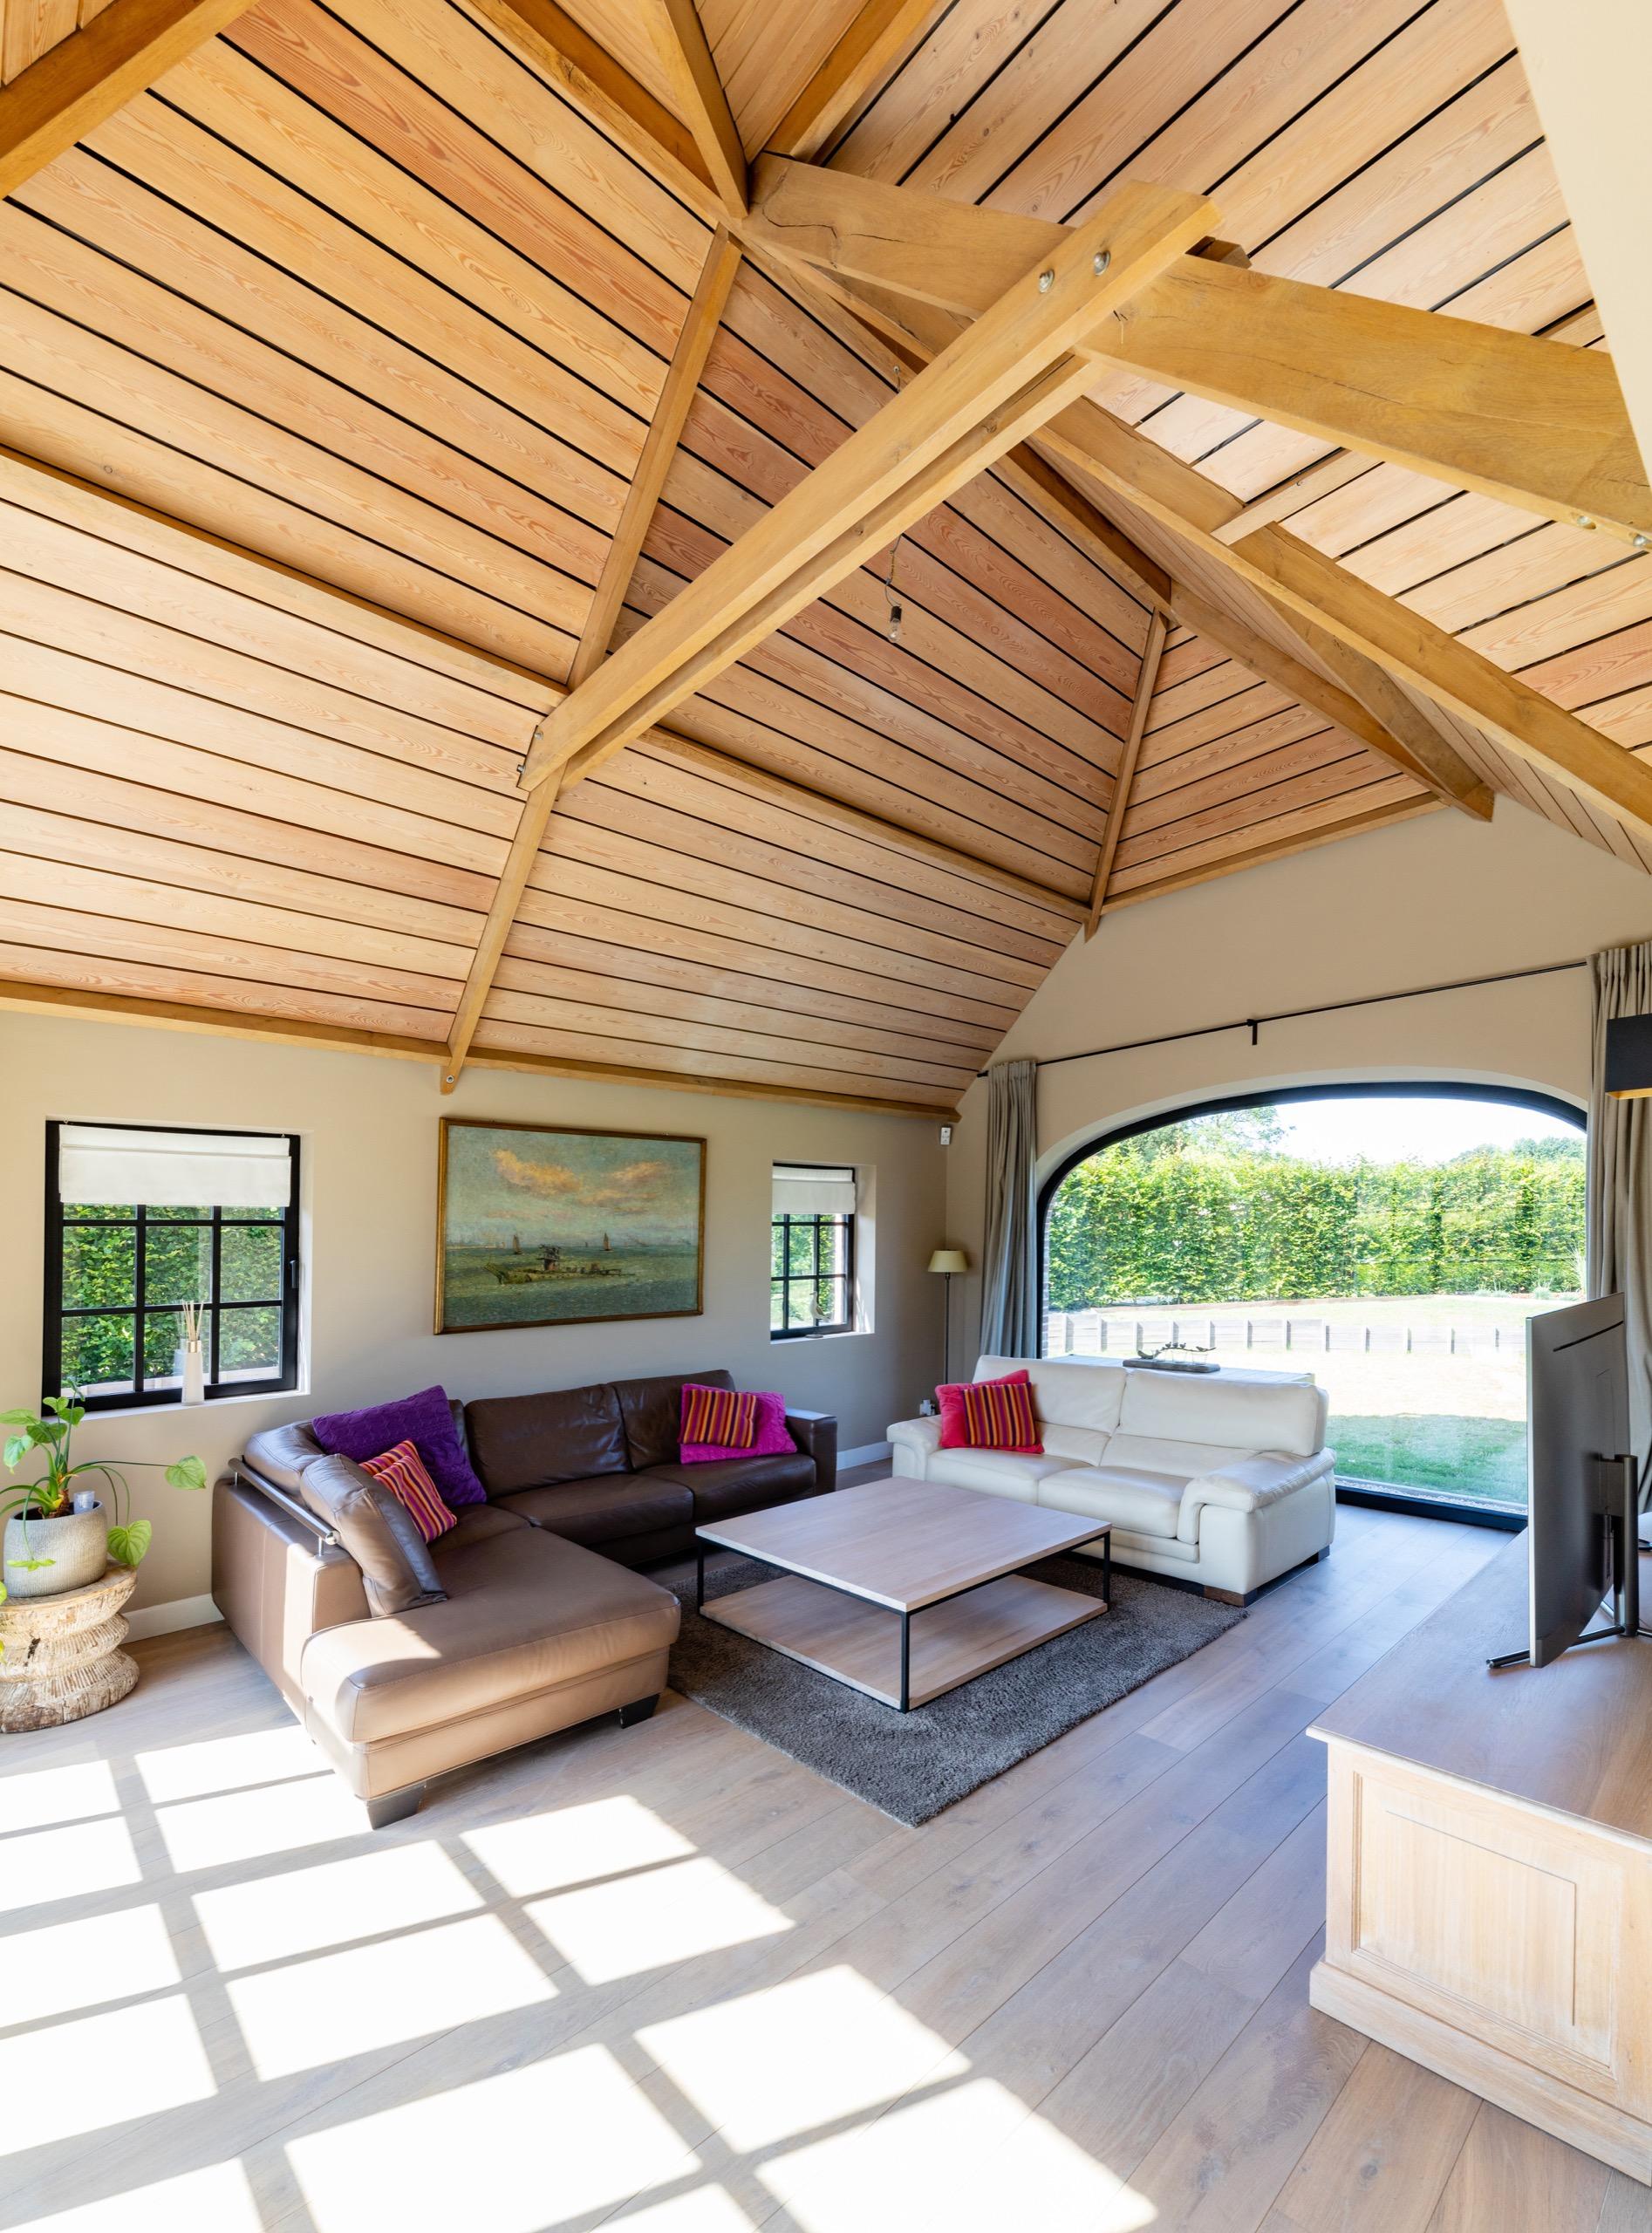 Living landelijke woning in Lennik opgewerkt tot de nok met afrormosiahout